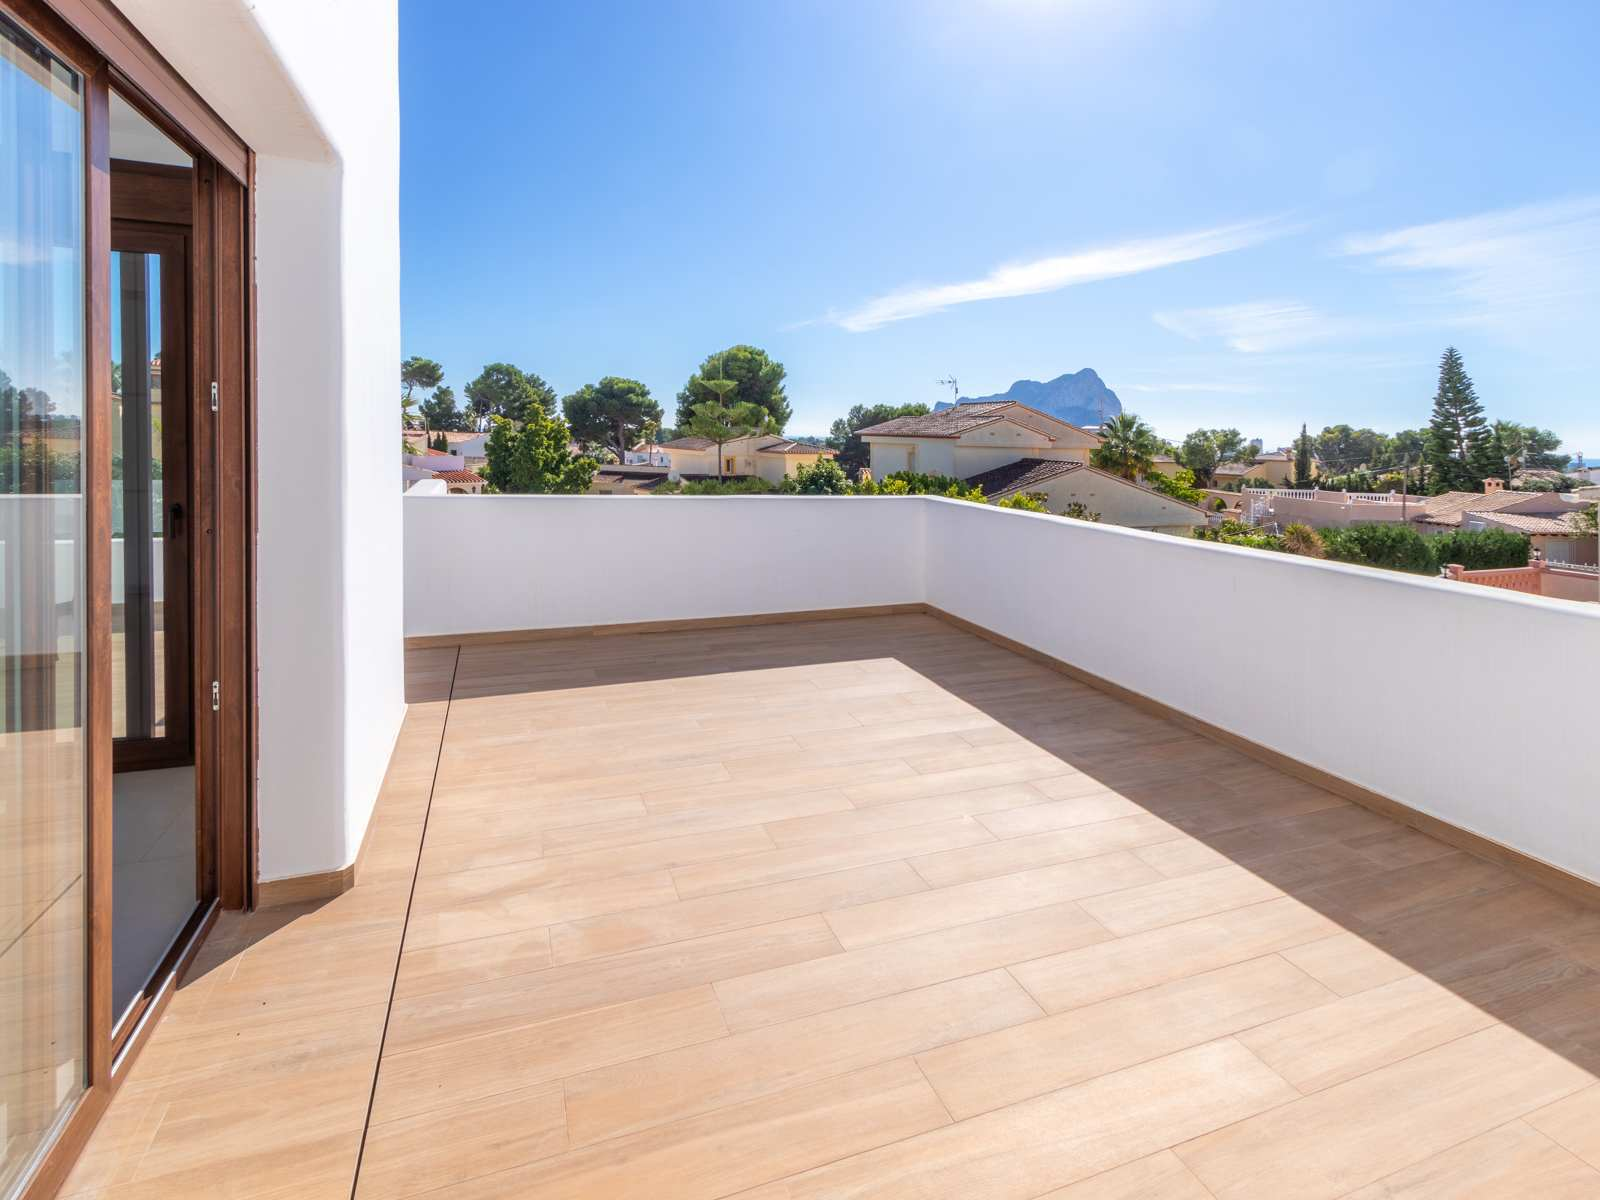 Fotogalería - 23 - Olea-Home | Real Estate en Orba y Teulada-Moraira |